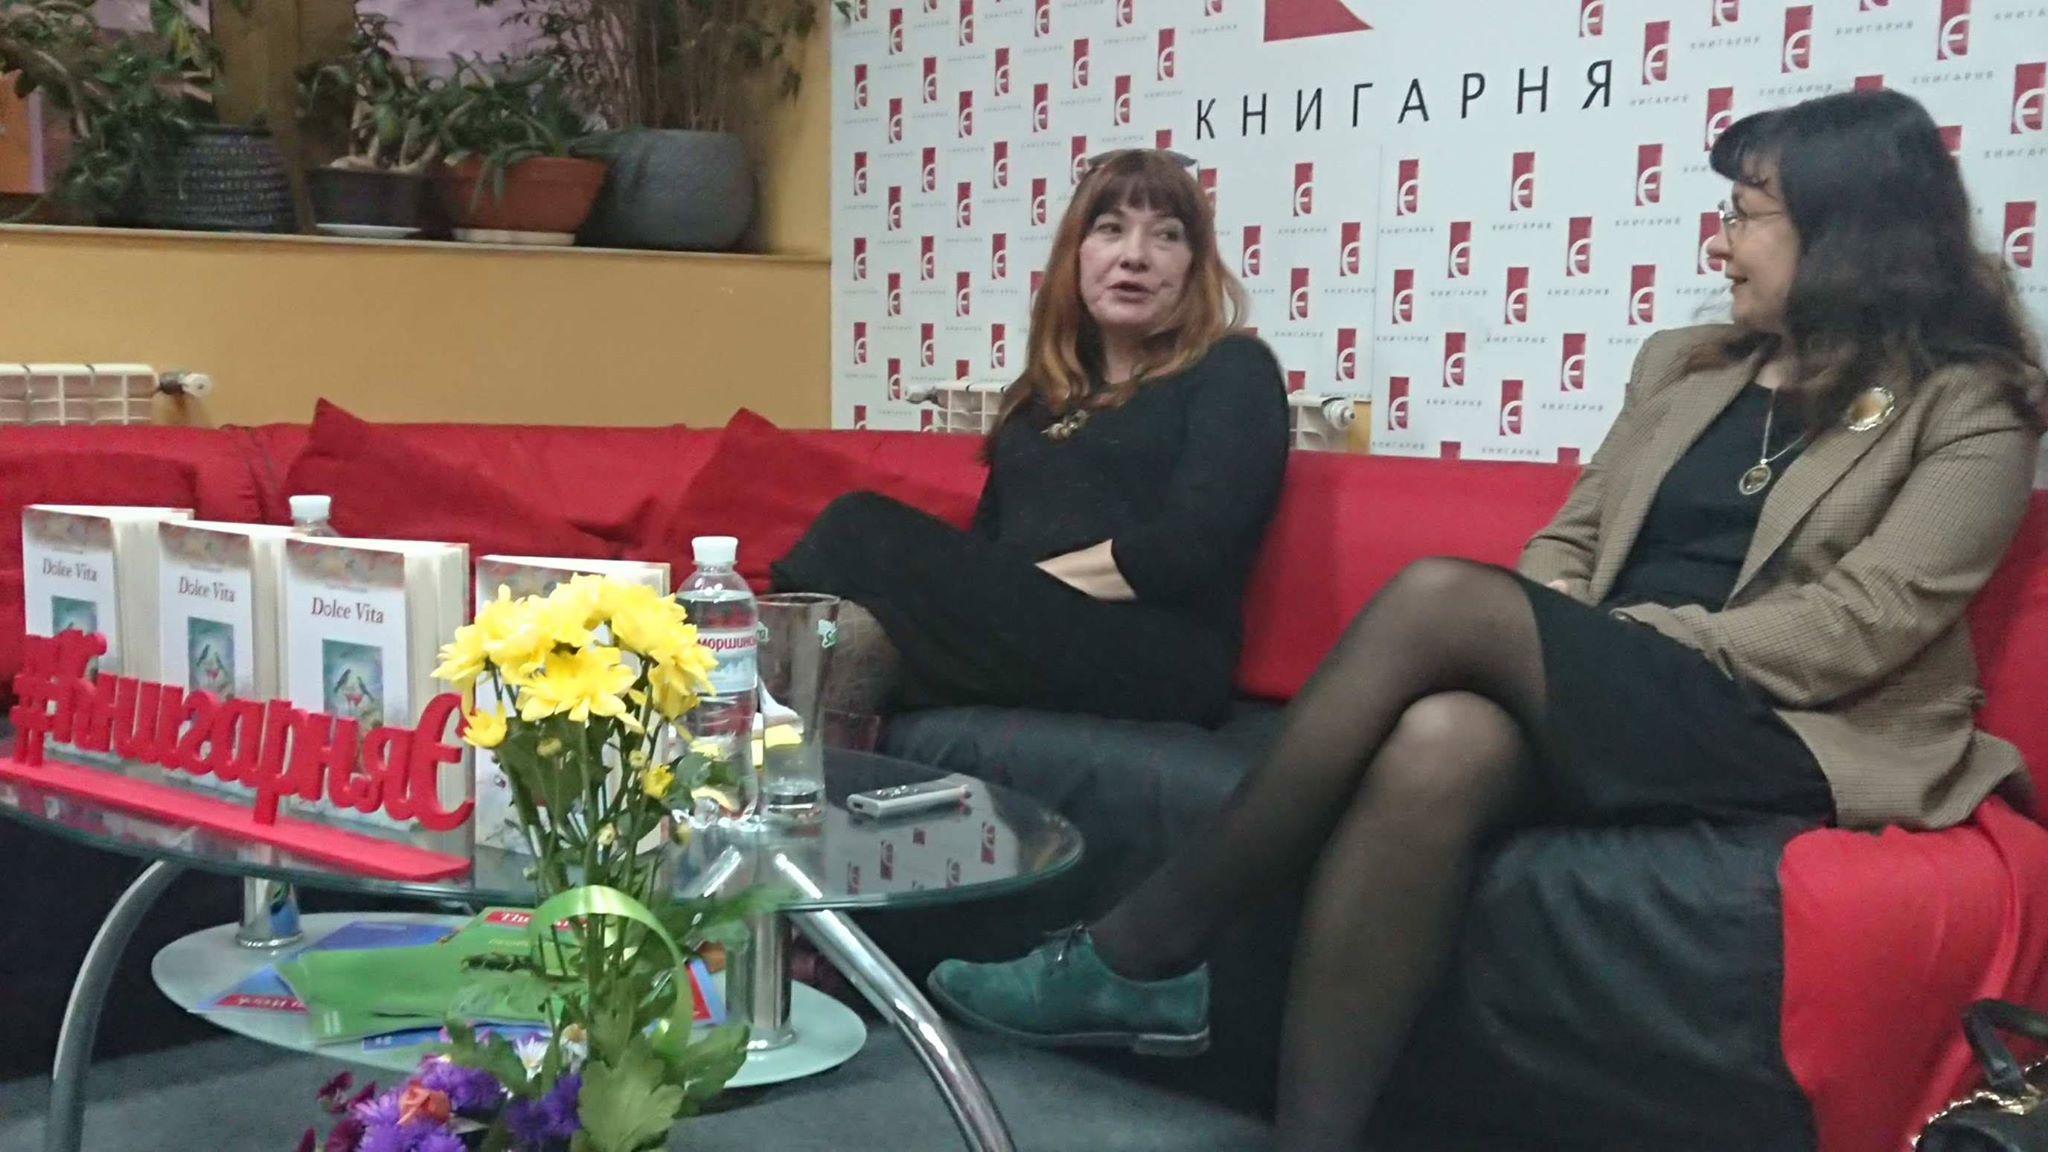 Драми на відстані: Марія Микицей презентувала новий роман 8